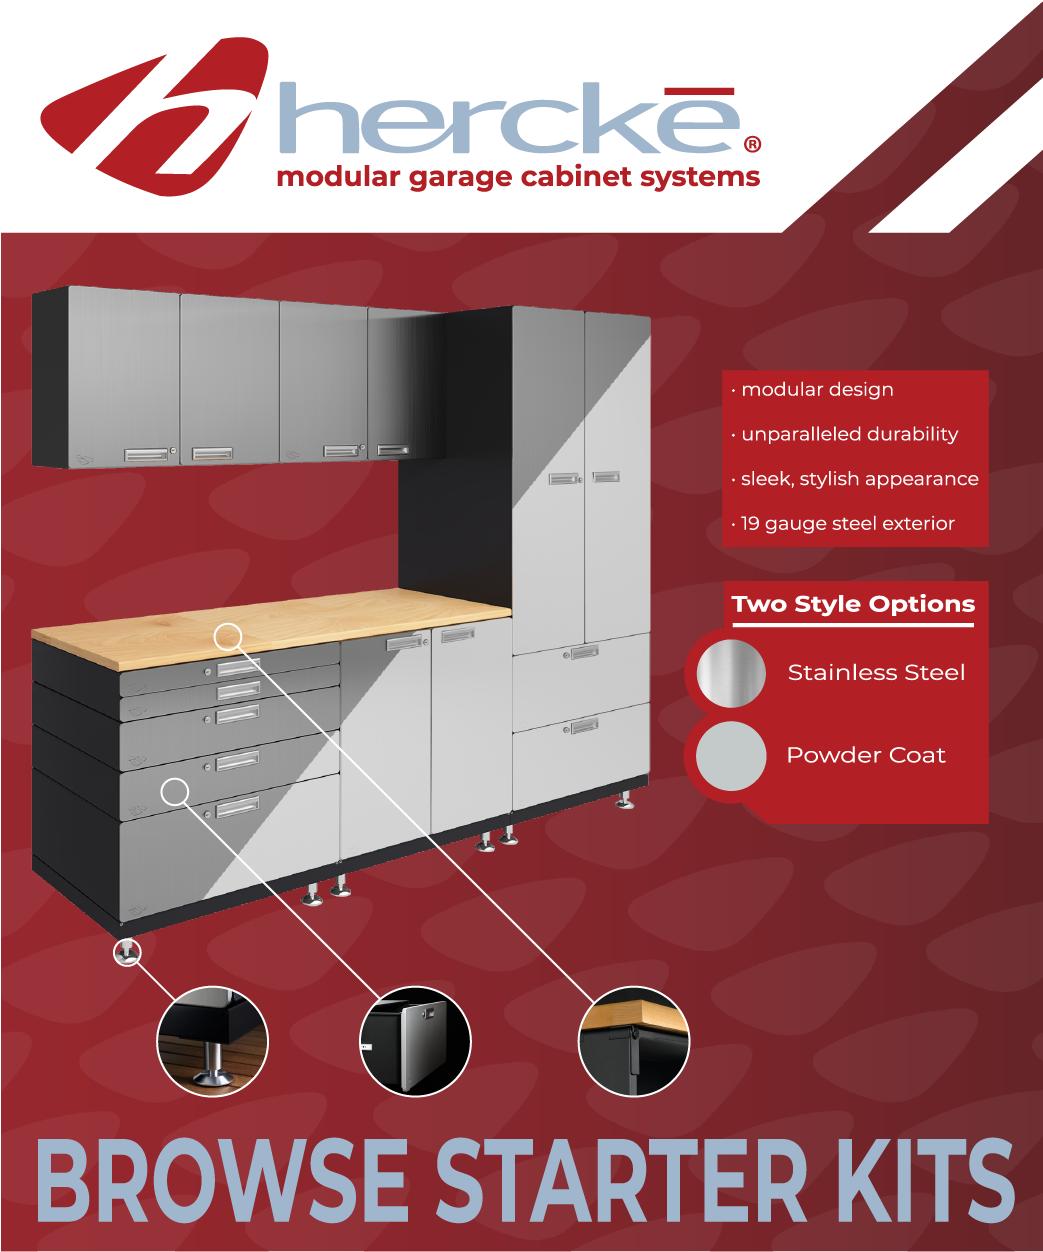 Etonnant Hercke Garage Cabinets